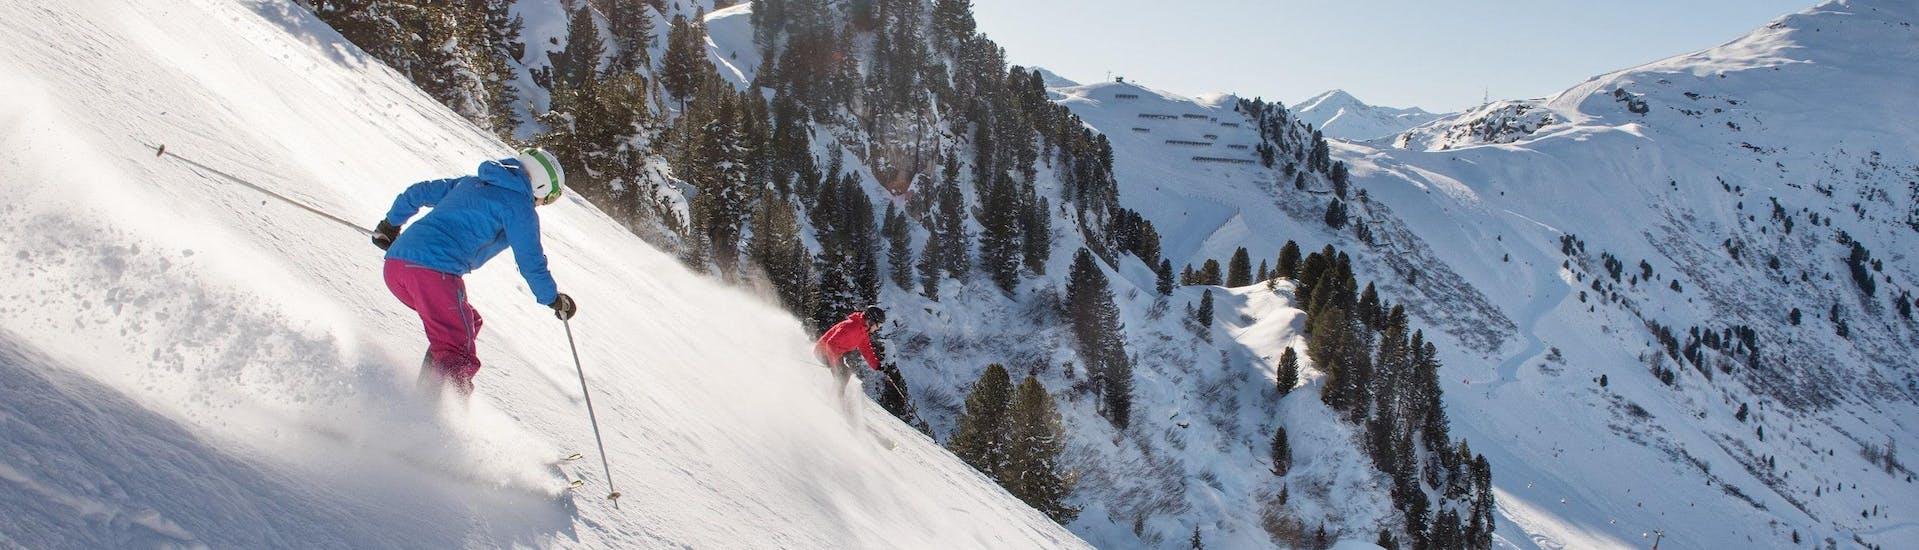 Tijdens een skiles met een skischool in Mayrhofen heb je een prachtig uitzicht op de bergen.